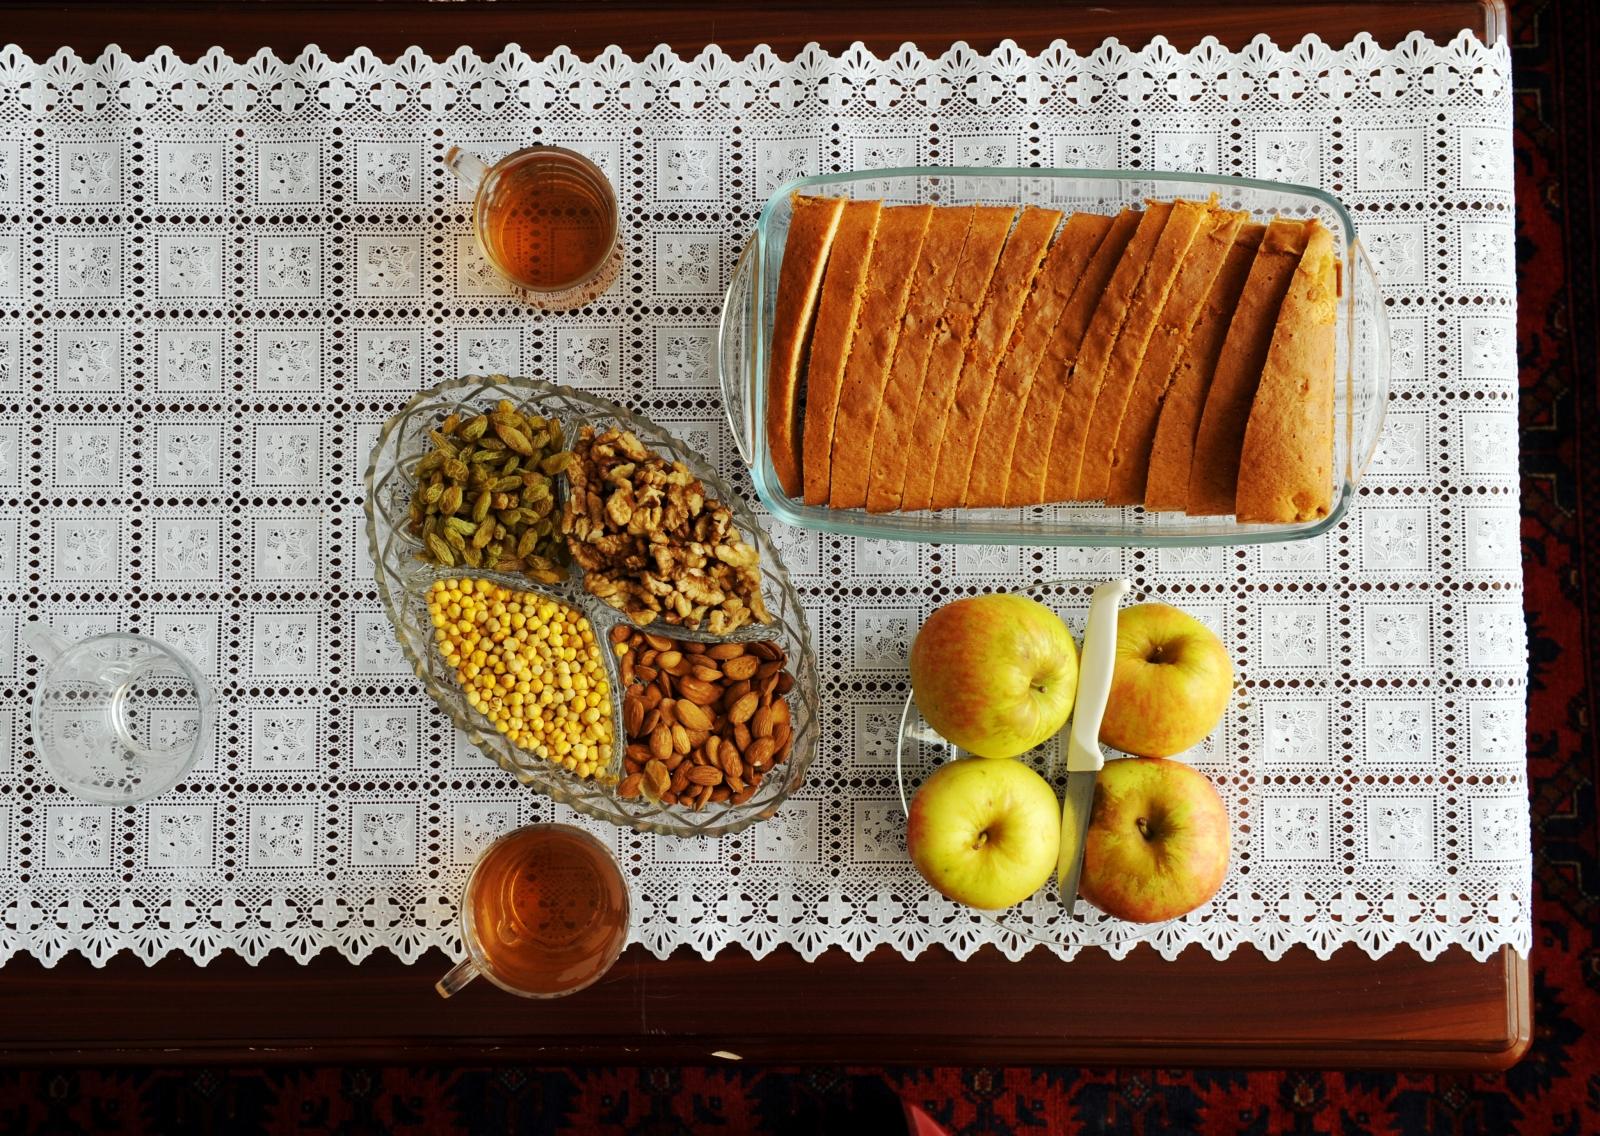 Beautiful Lebanon Eid Al-Fitr Food - eid-food  HD_70246 .jpg